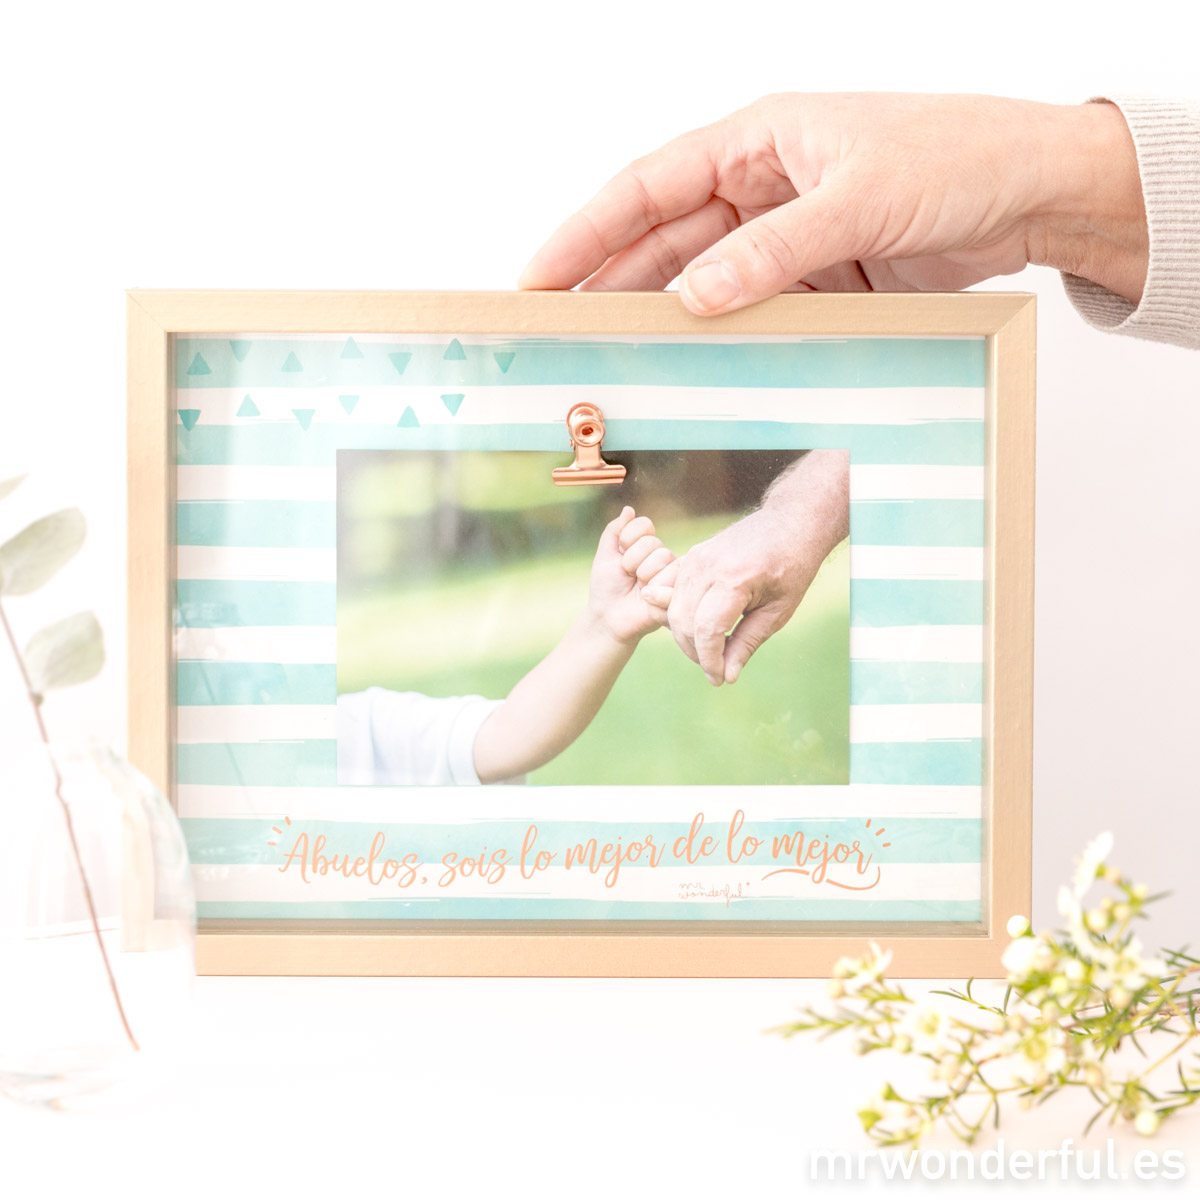 Marco de fotos para abuelos, un detalle genial para regalar el Día de los Abuelos